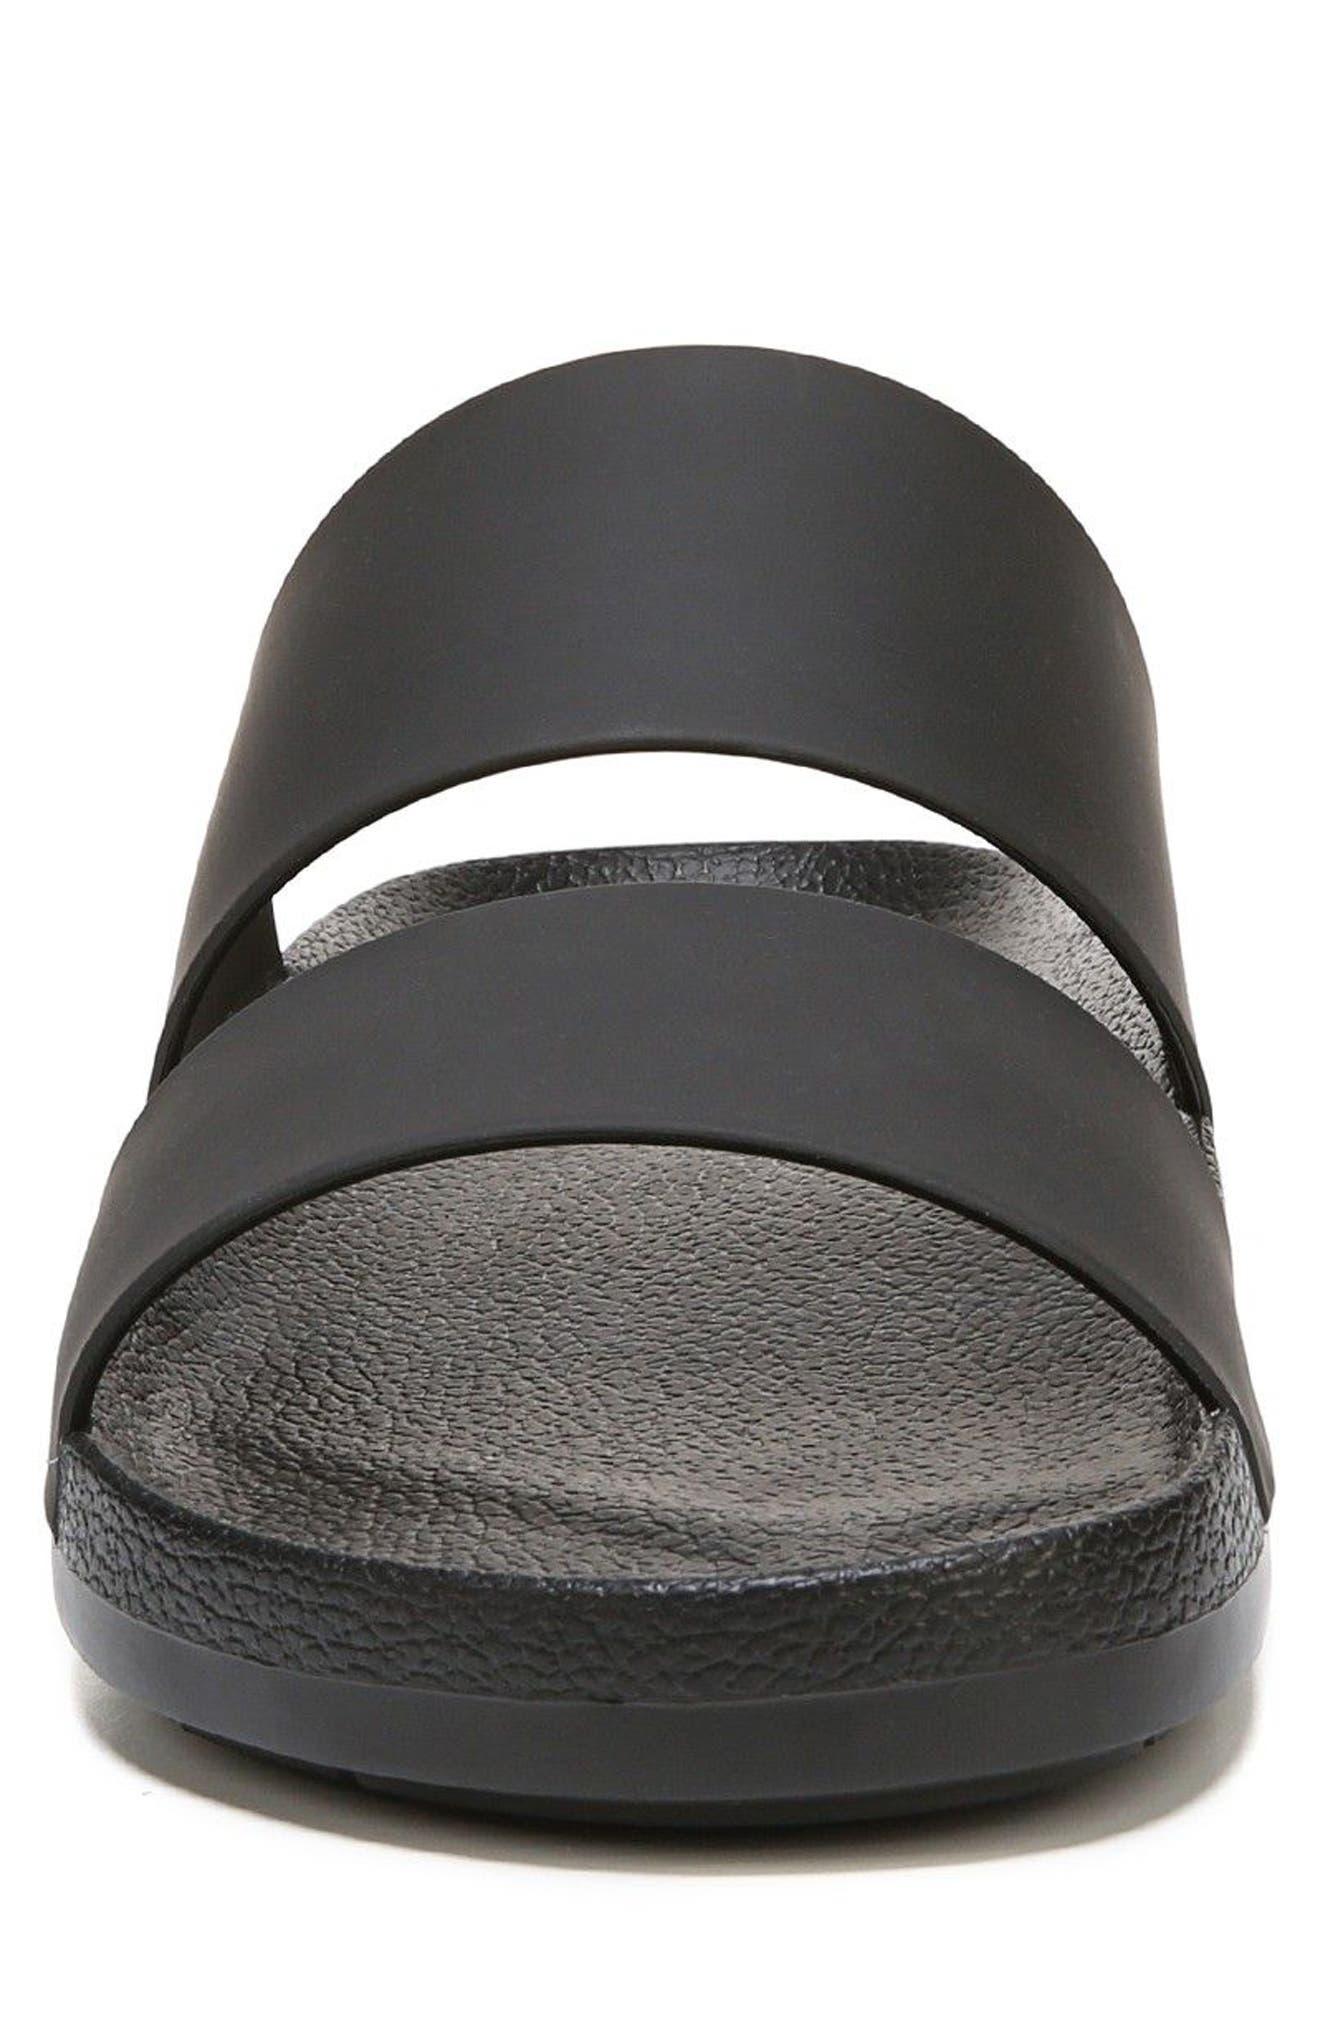 Mariner Slide Sandal,                             Alternate thumbnail 4, color,                             001